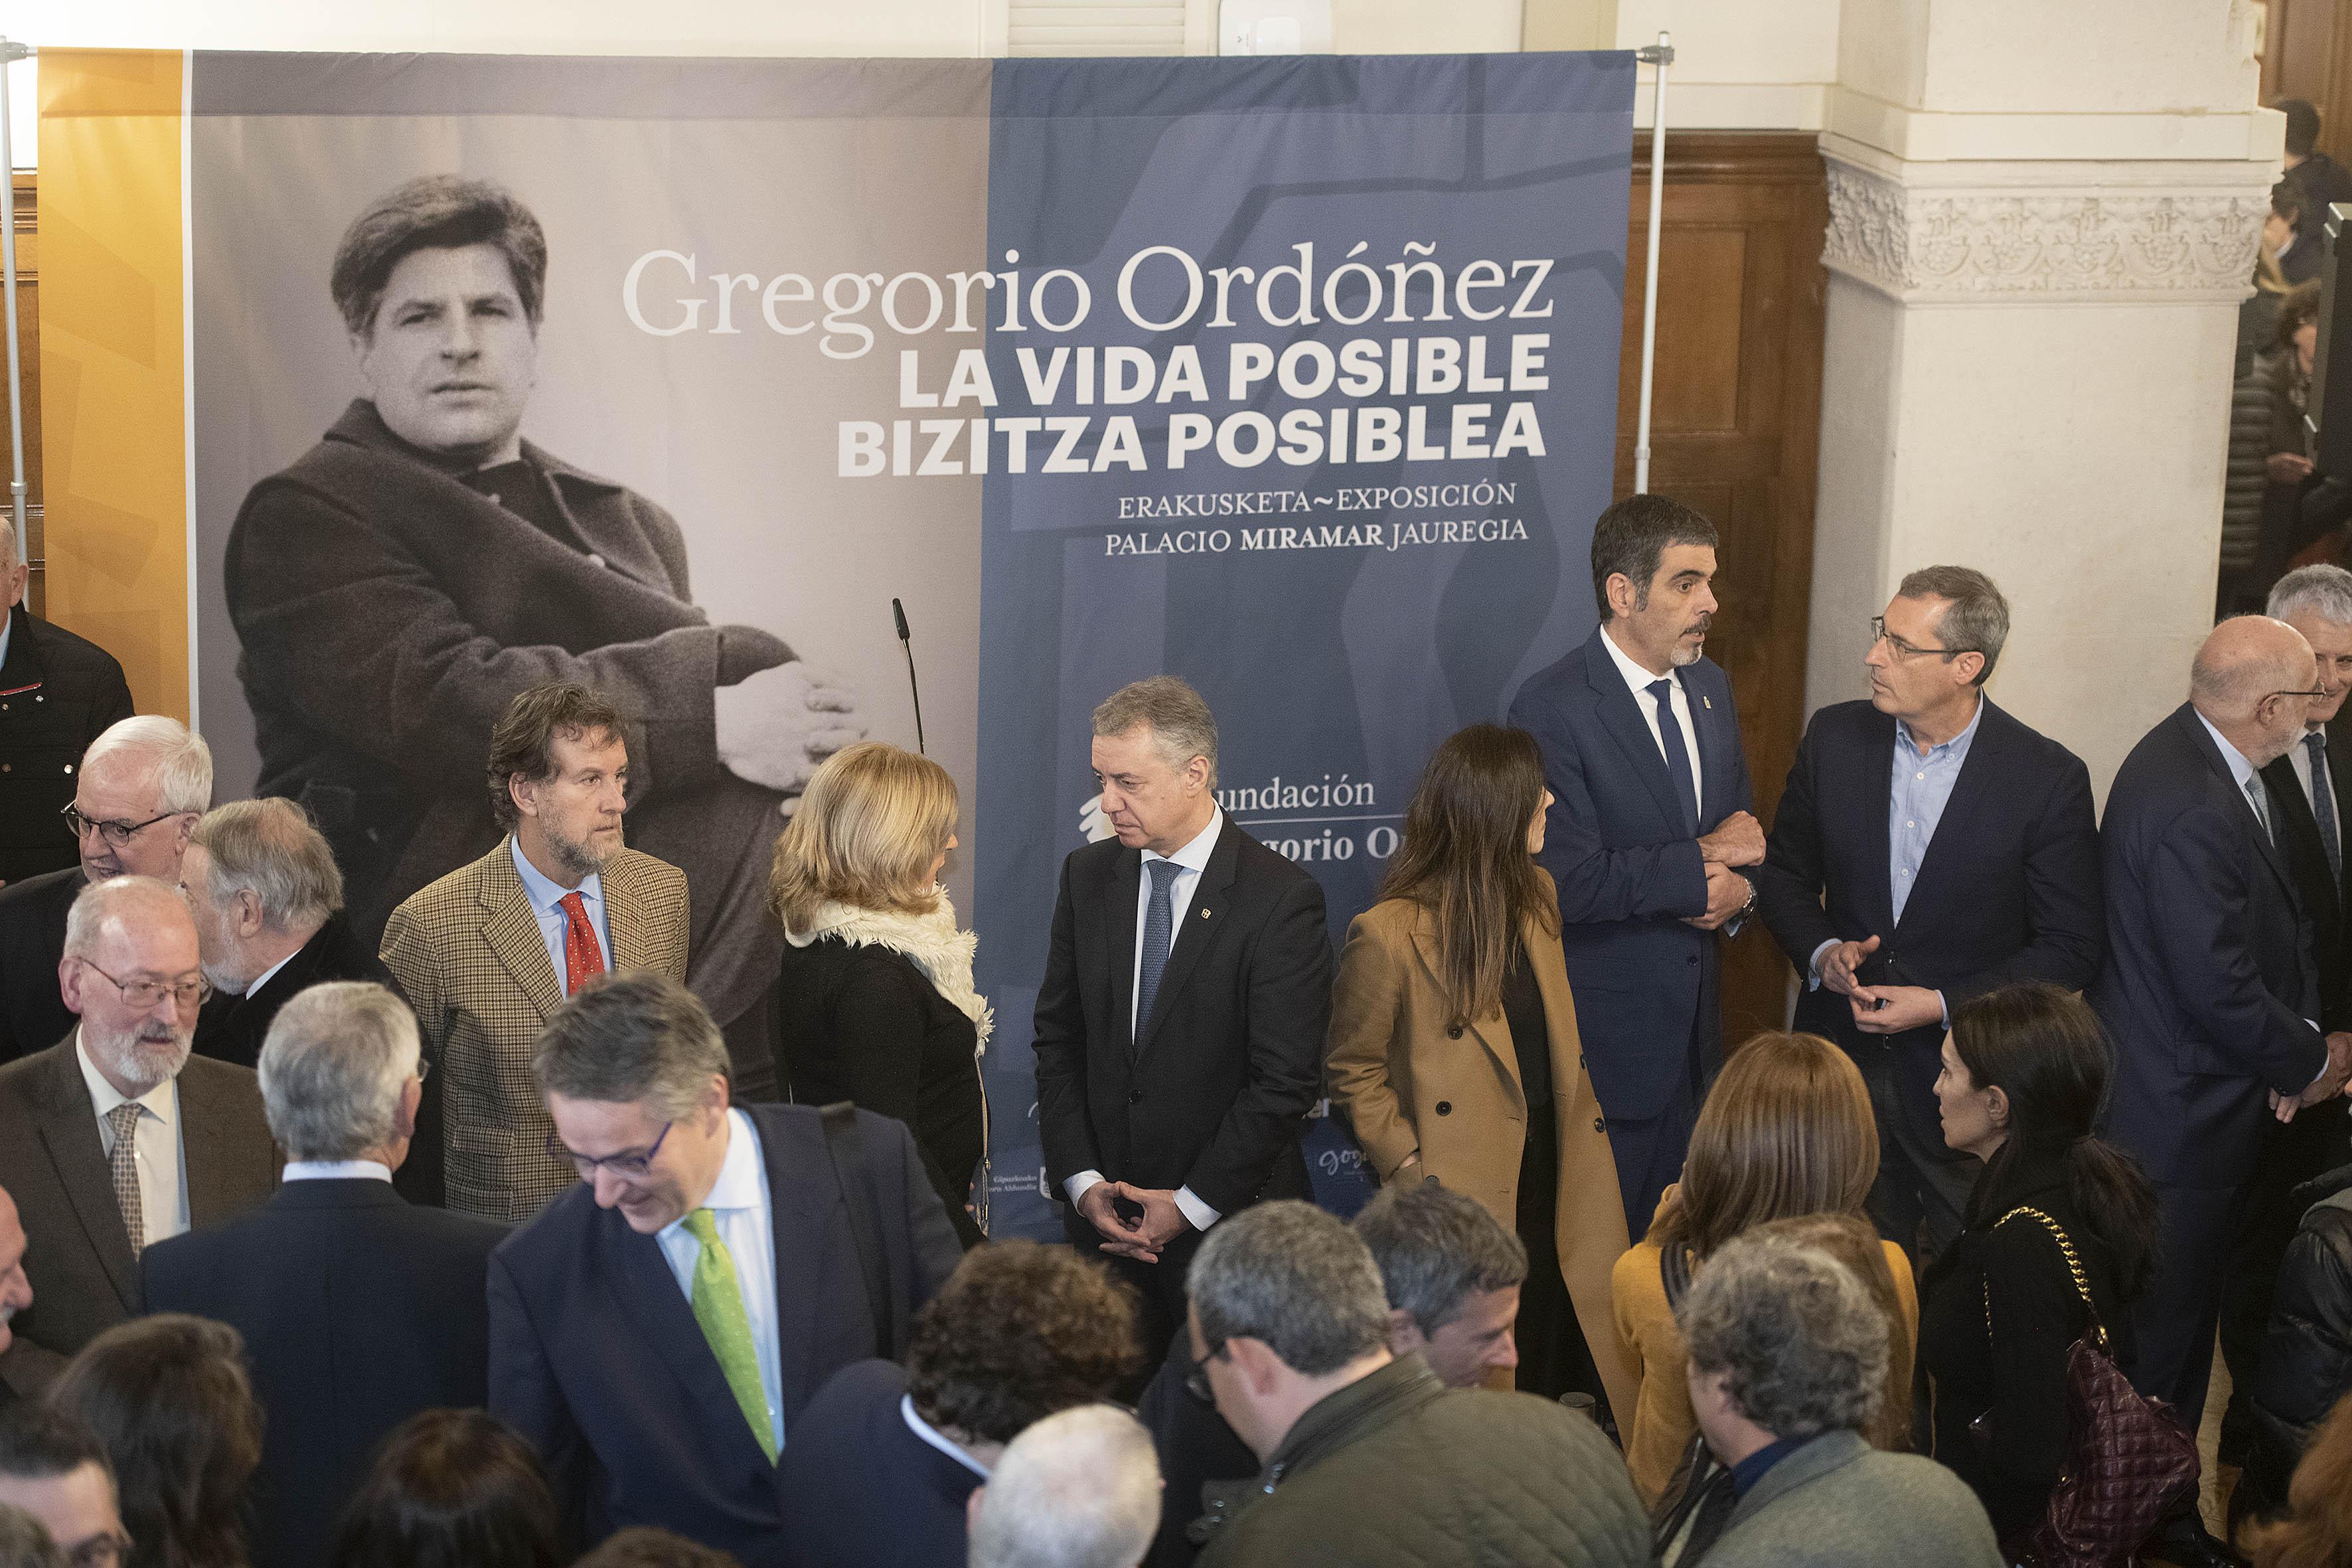 """Lehendakaria """"Gregorio Ordoñez, Bizitza posiblea"""" erakusketaren inaugurazioan izan da [0:54]"""